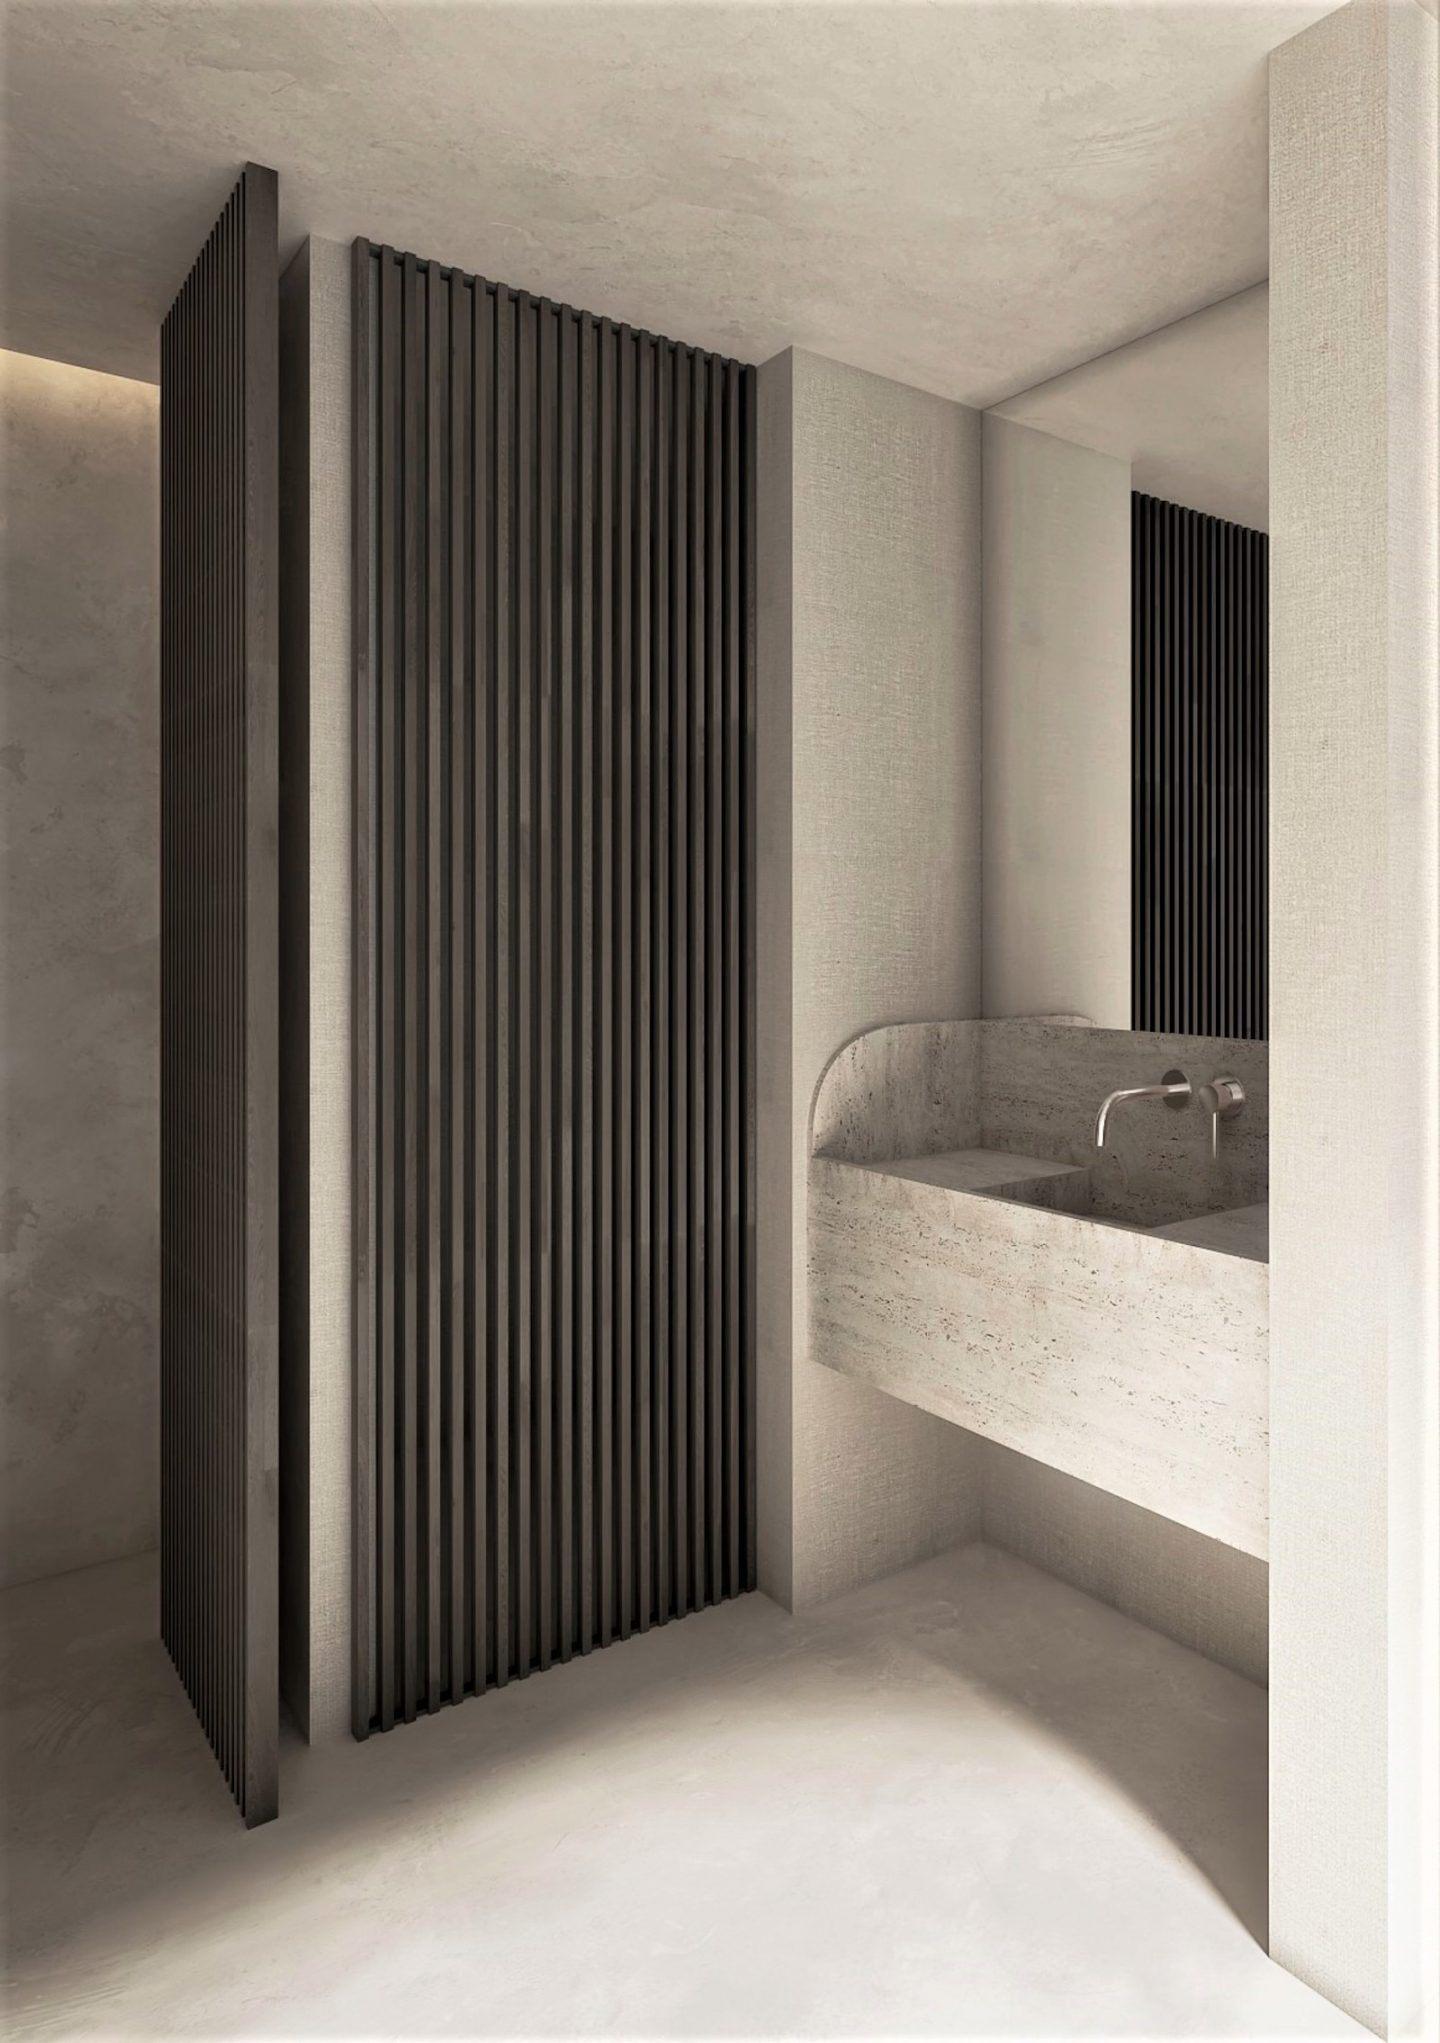 IGNANT-Architecture-OOAA-Salud-07